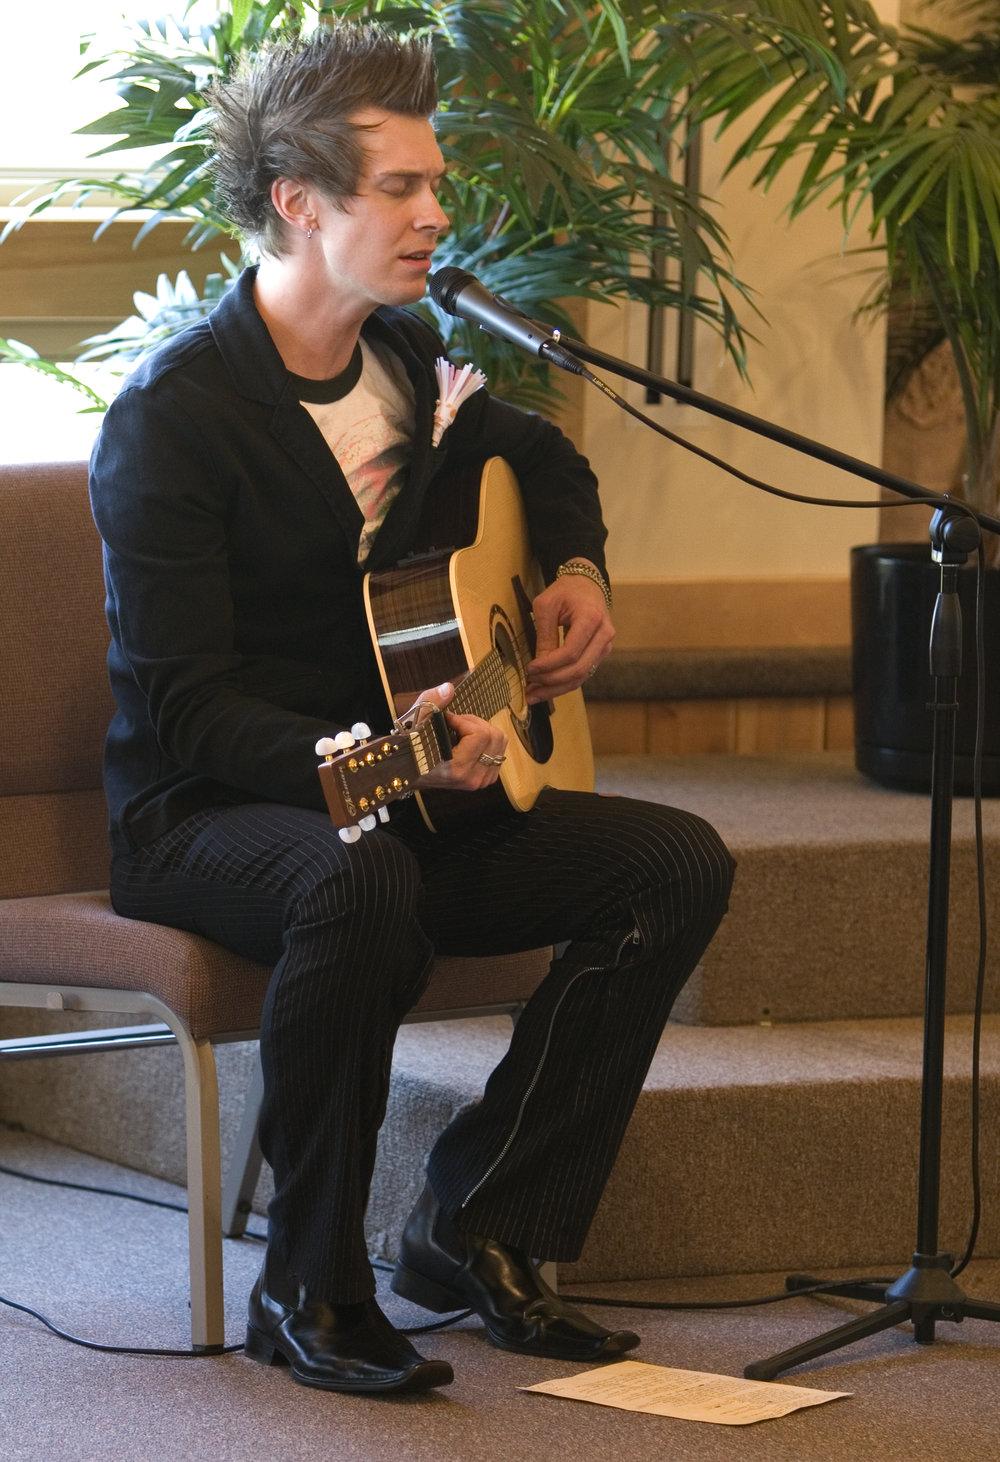 20180216-Aaron-singing.jpg